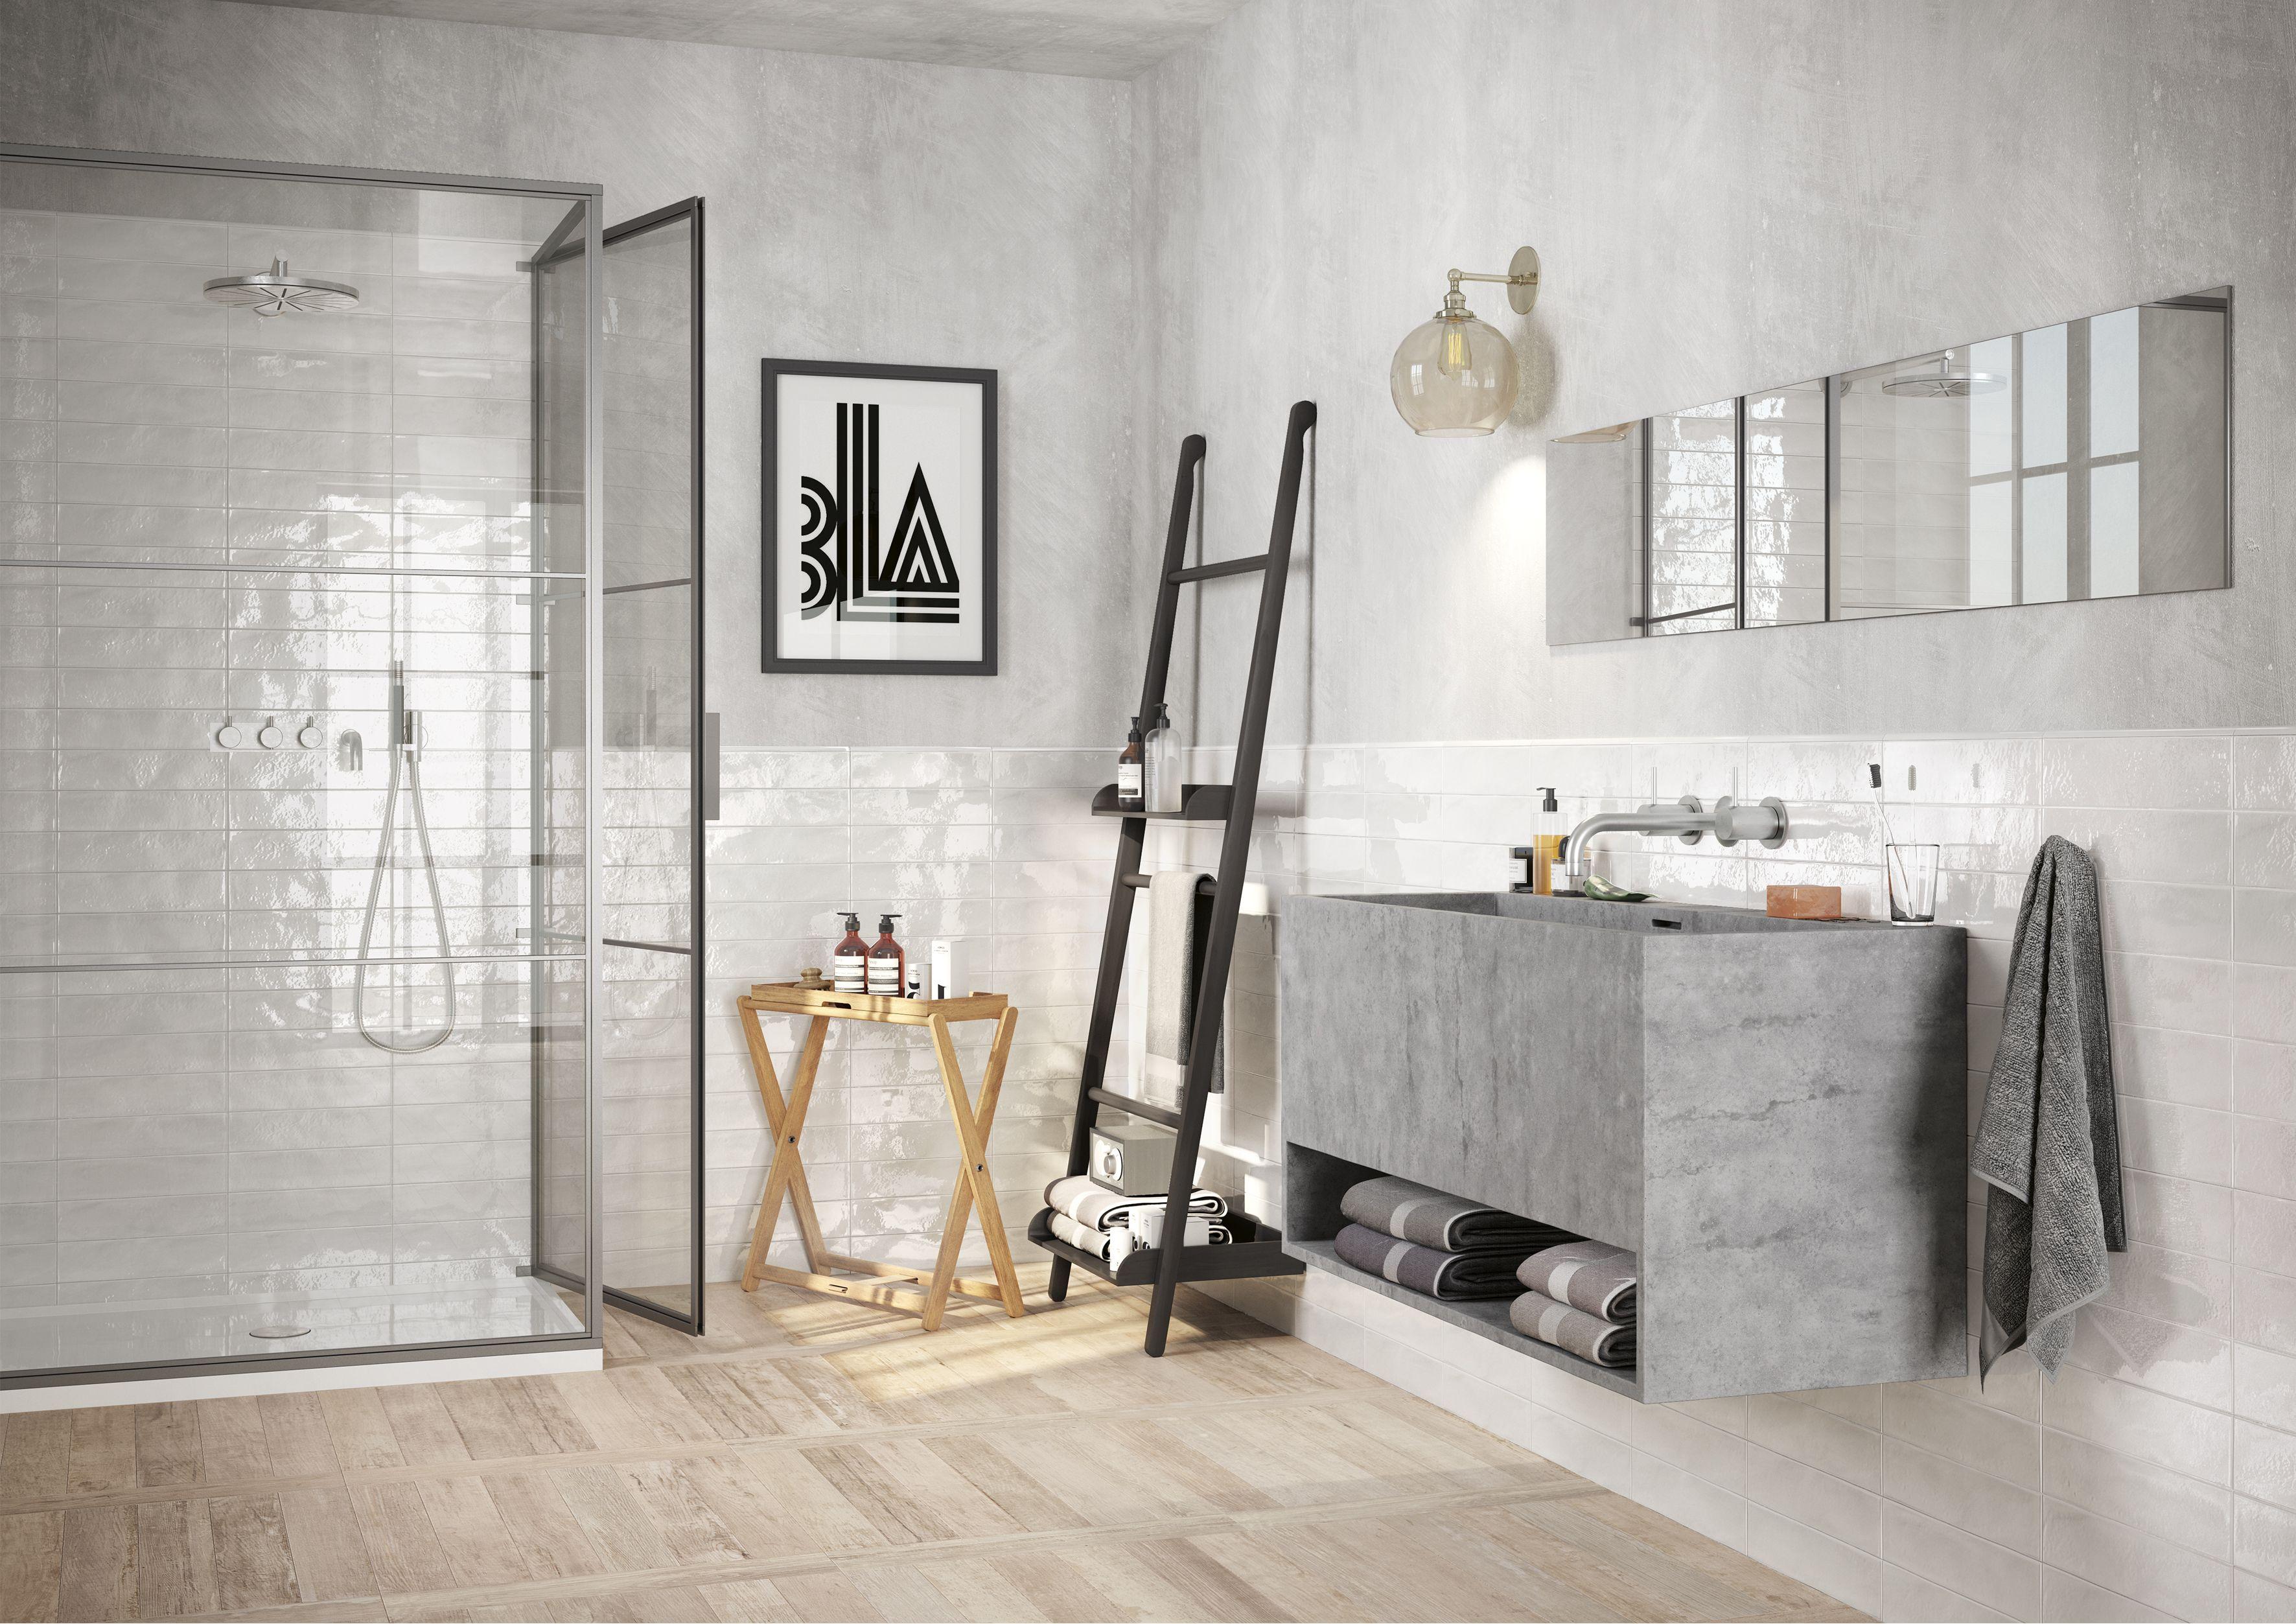 Edilcuoghi | Groove #design #tile #bathroom #ceramica #italy #italia ...